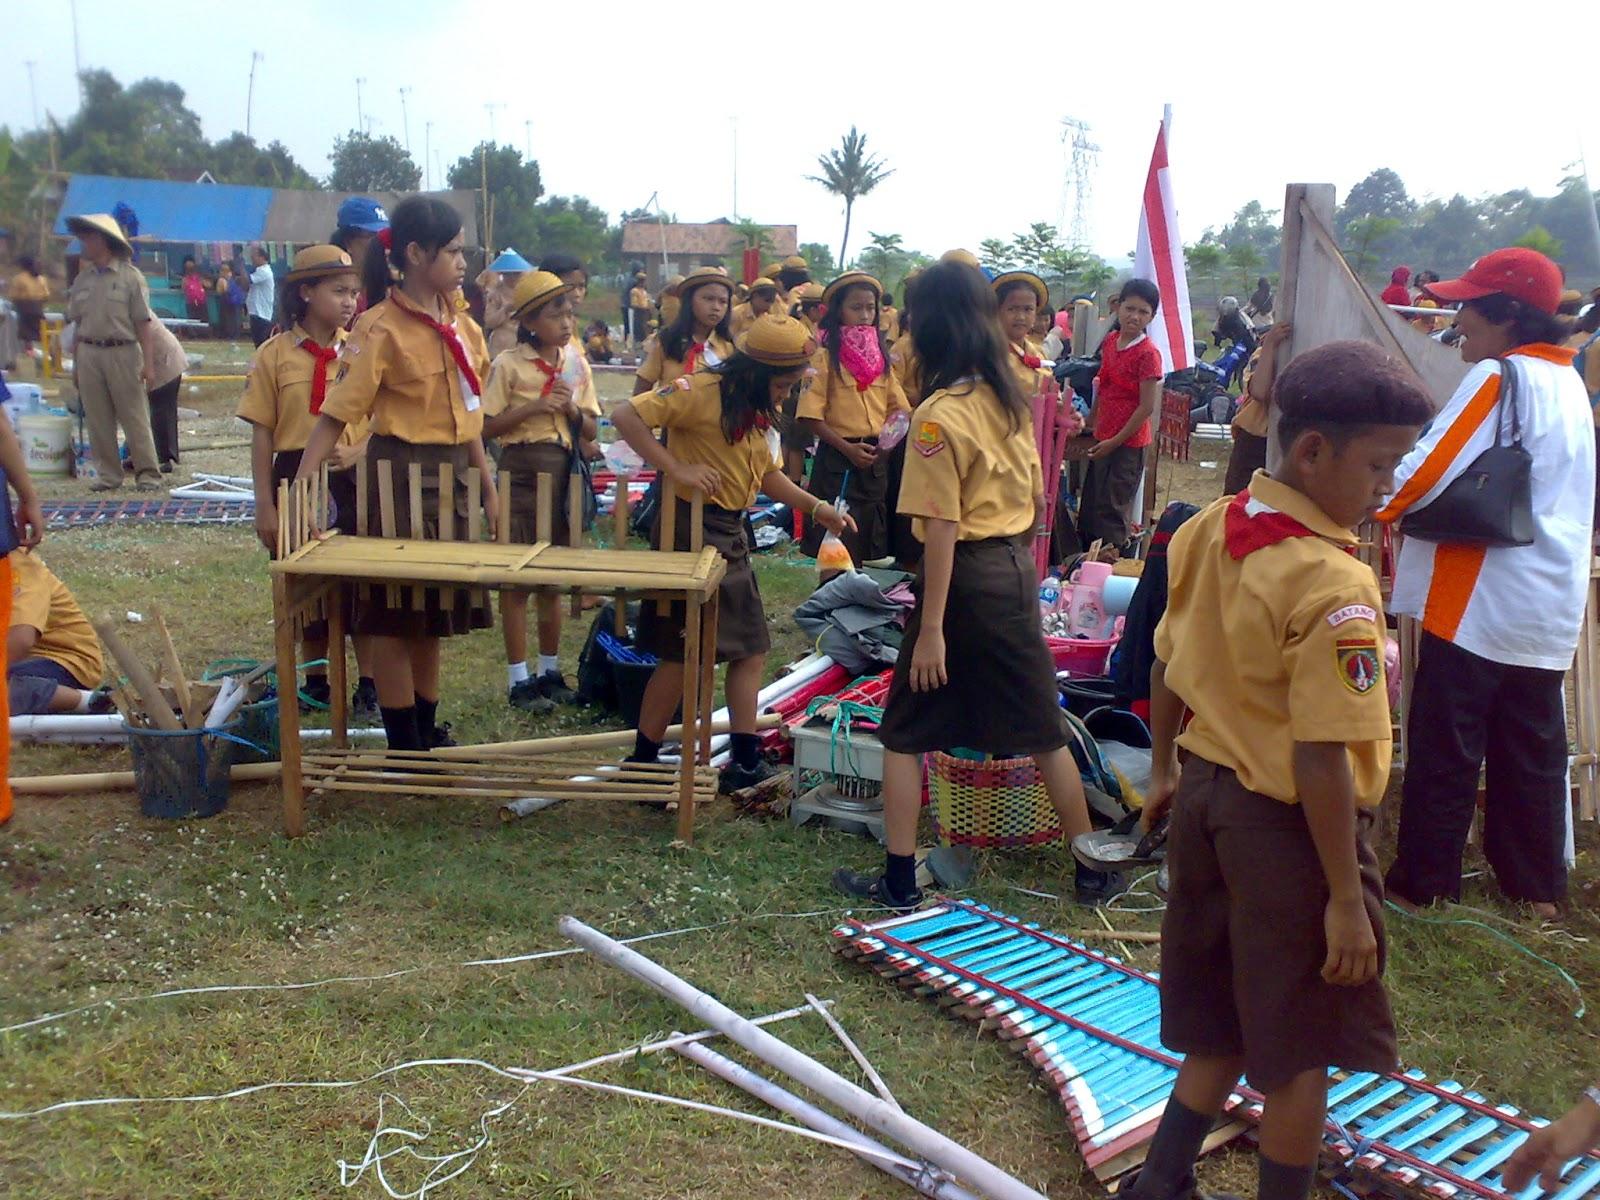 ... Semester 1 Kumpulan Soal Ulangan Bahasa Indonesia Kelas 5 Semester 1